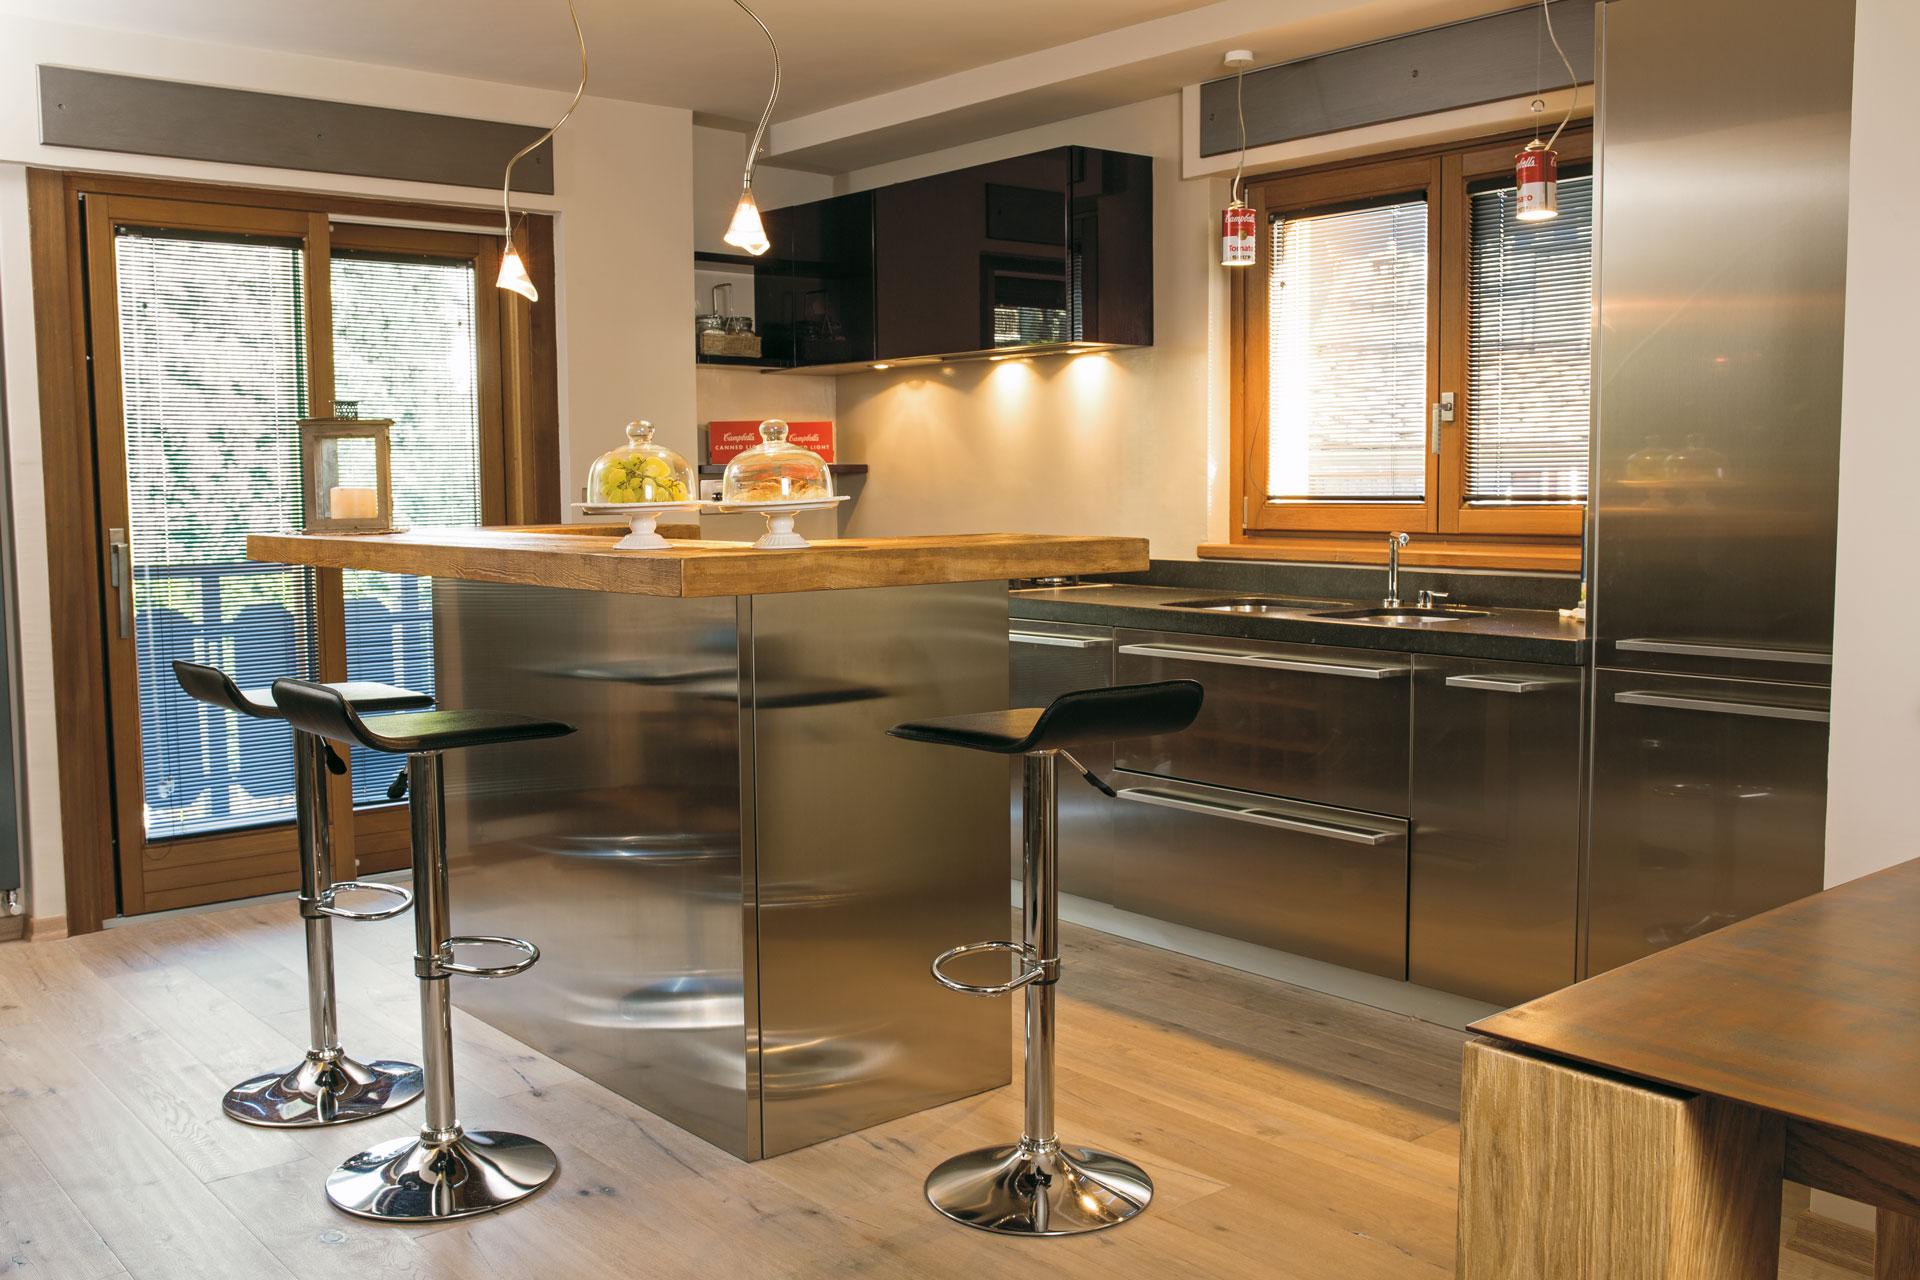 Protgonista è la scelta di materie trattate in modo naturale come la pietra e il legno, con l'accostamento di alcuni elementi di design che per forma e colore restituiscono all'ambiente equilibrio e calore